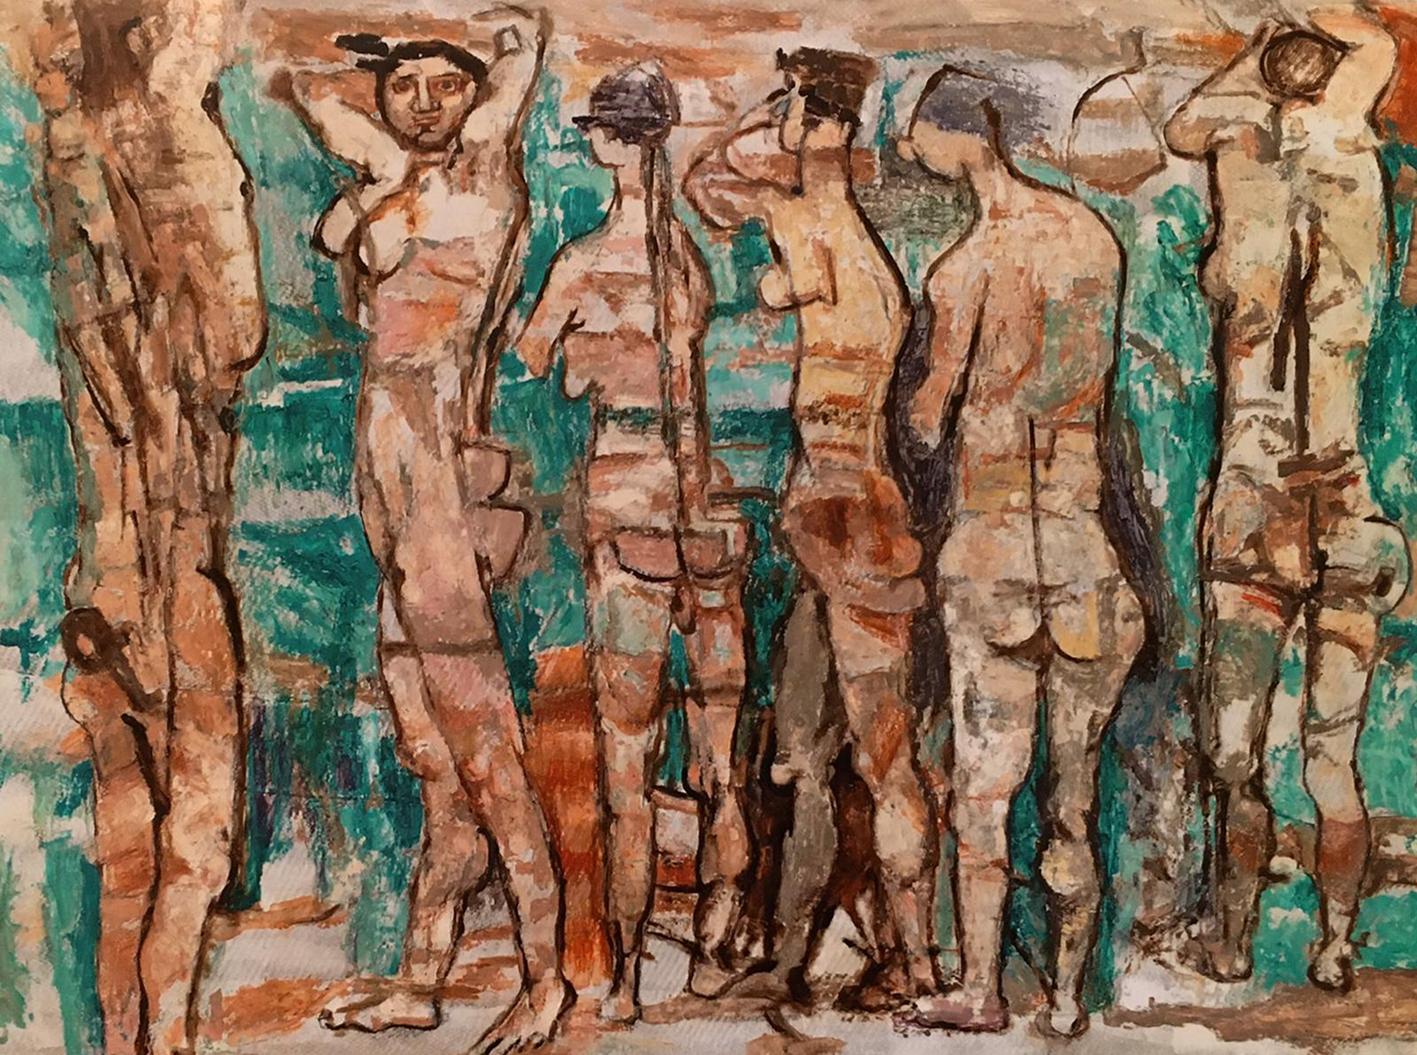 La carne umana e la natura selvaggia. Guttuso, Ligabue e Pirandello in scena a Reggio Emilia